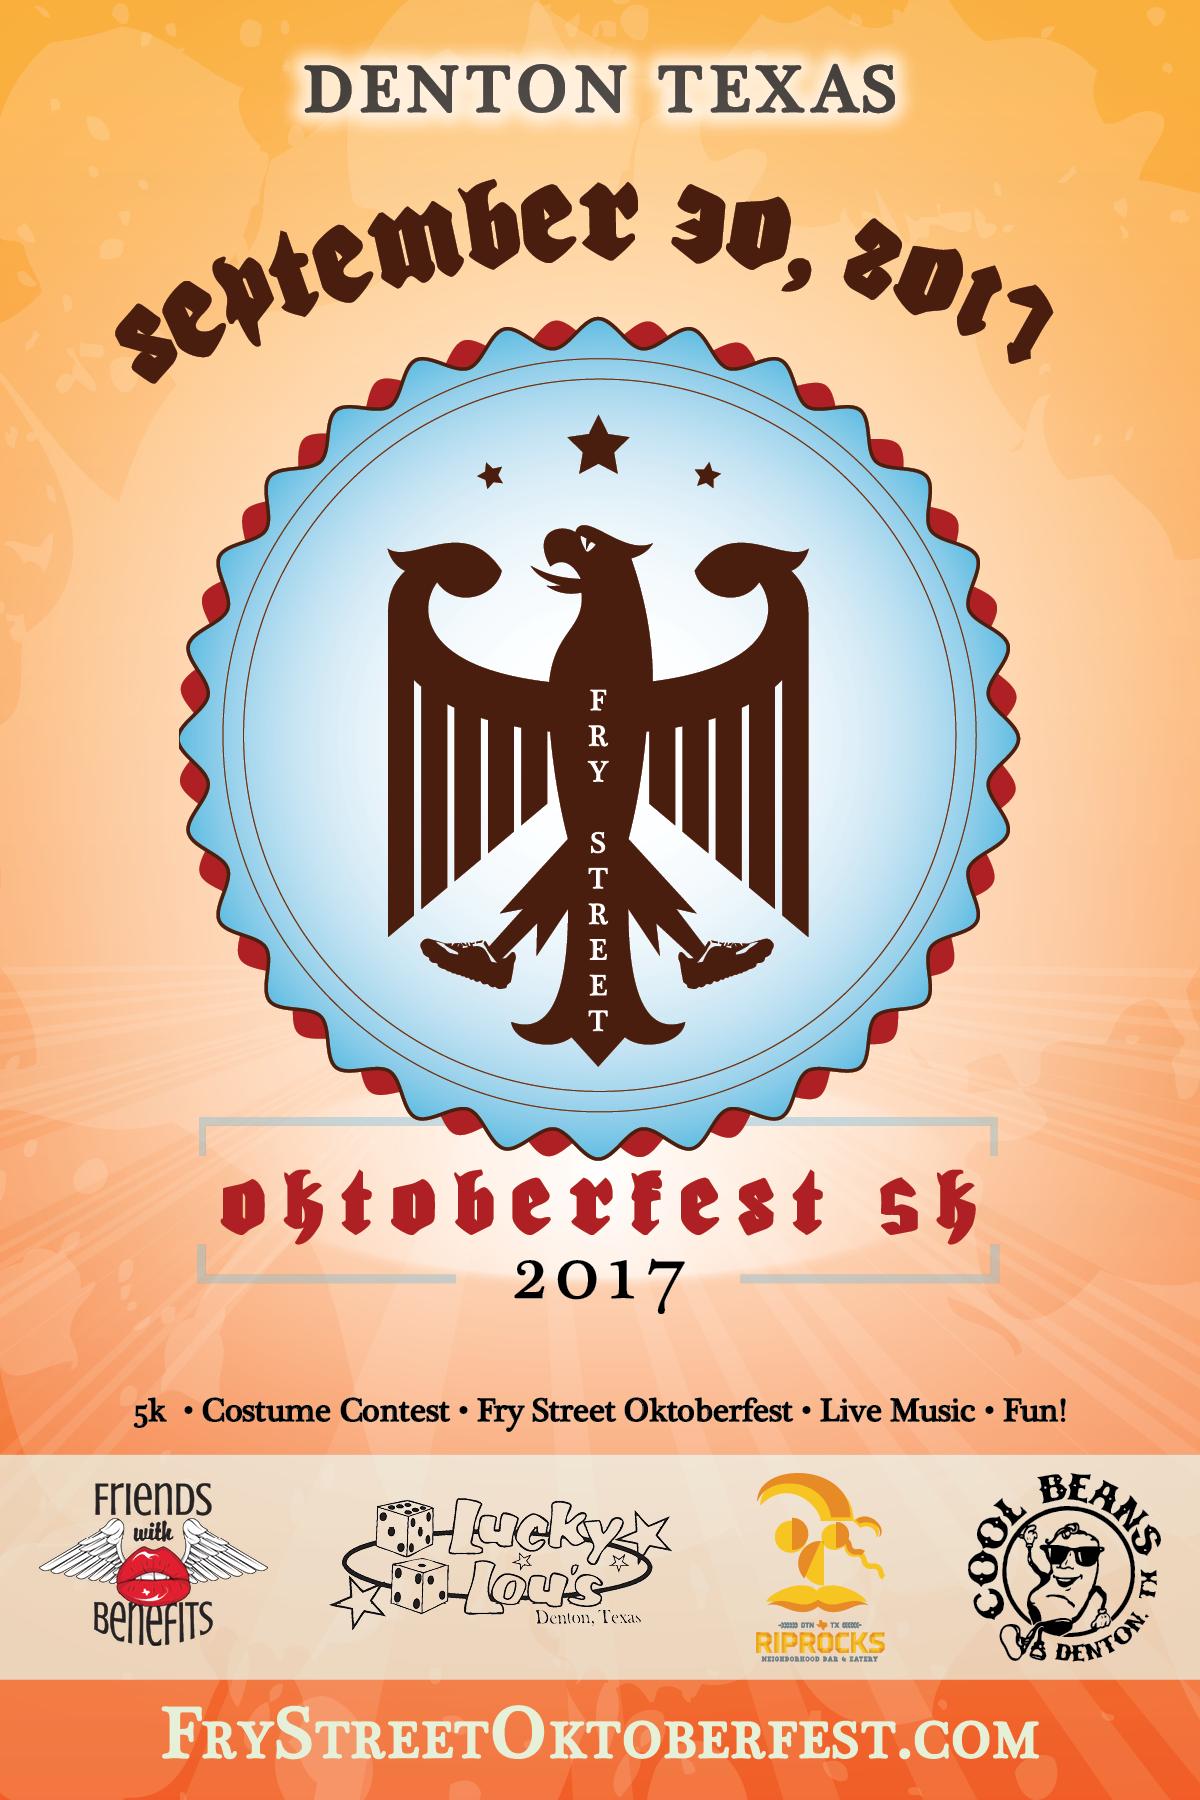 frystoktoberfest_2017_flier.png